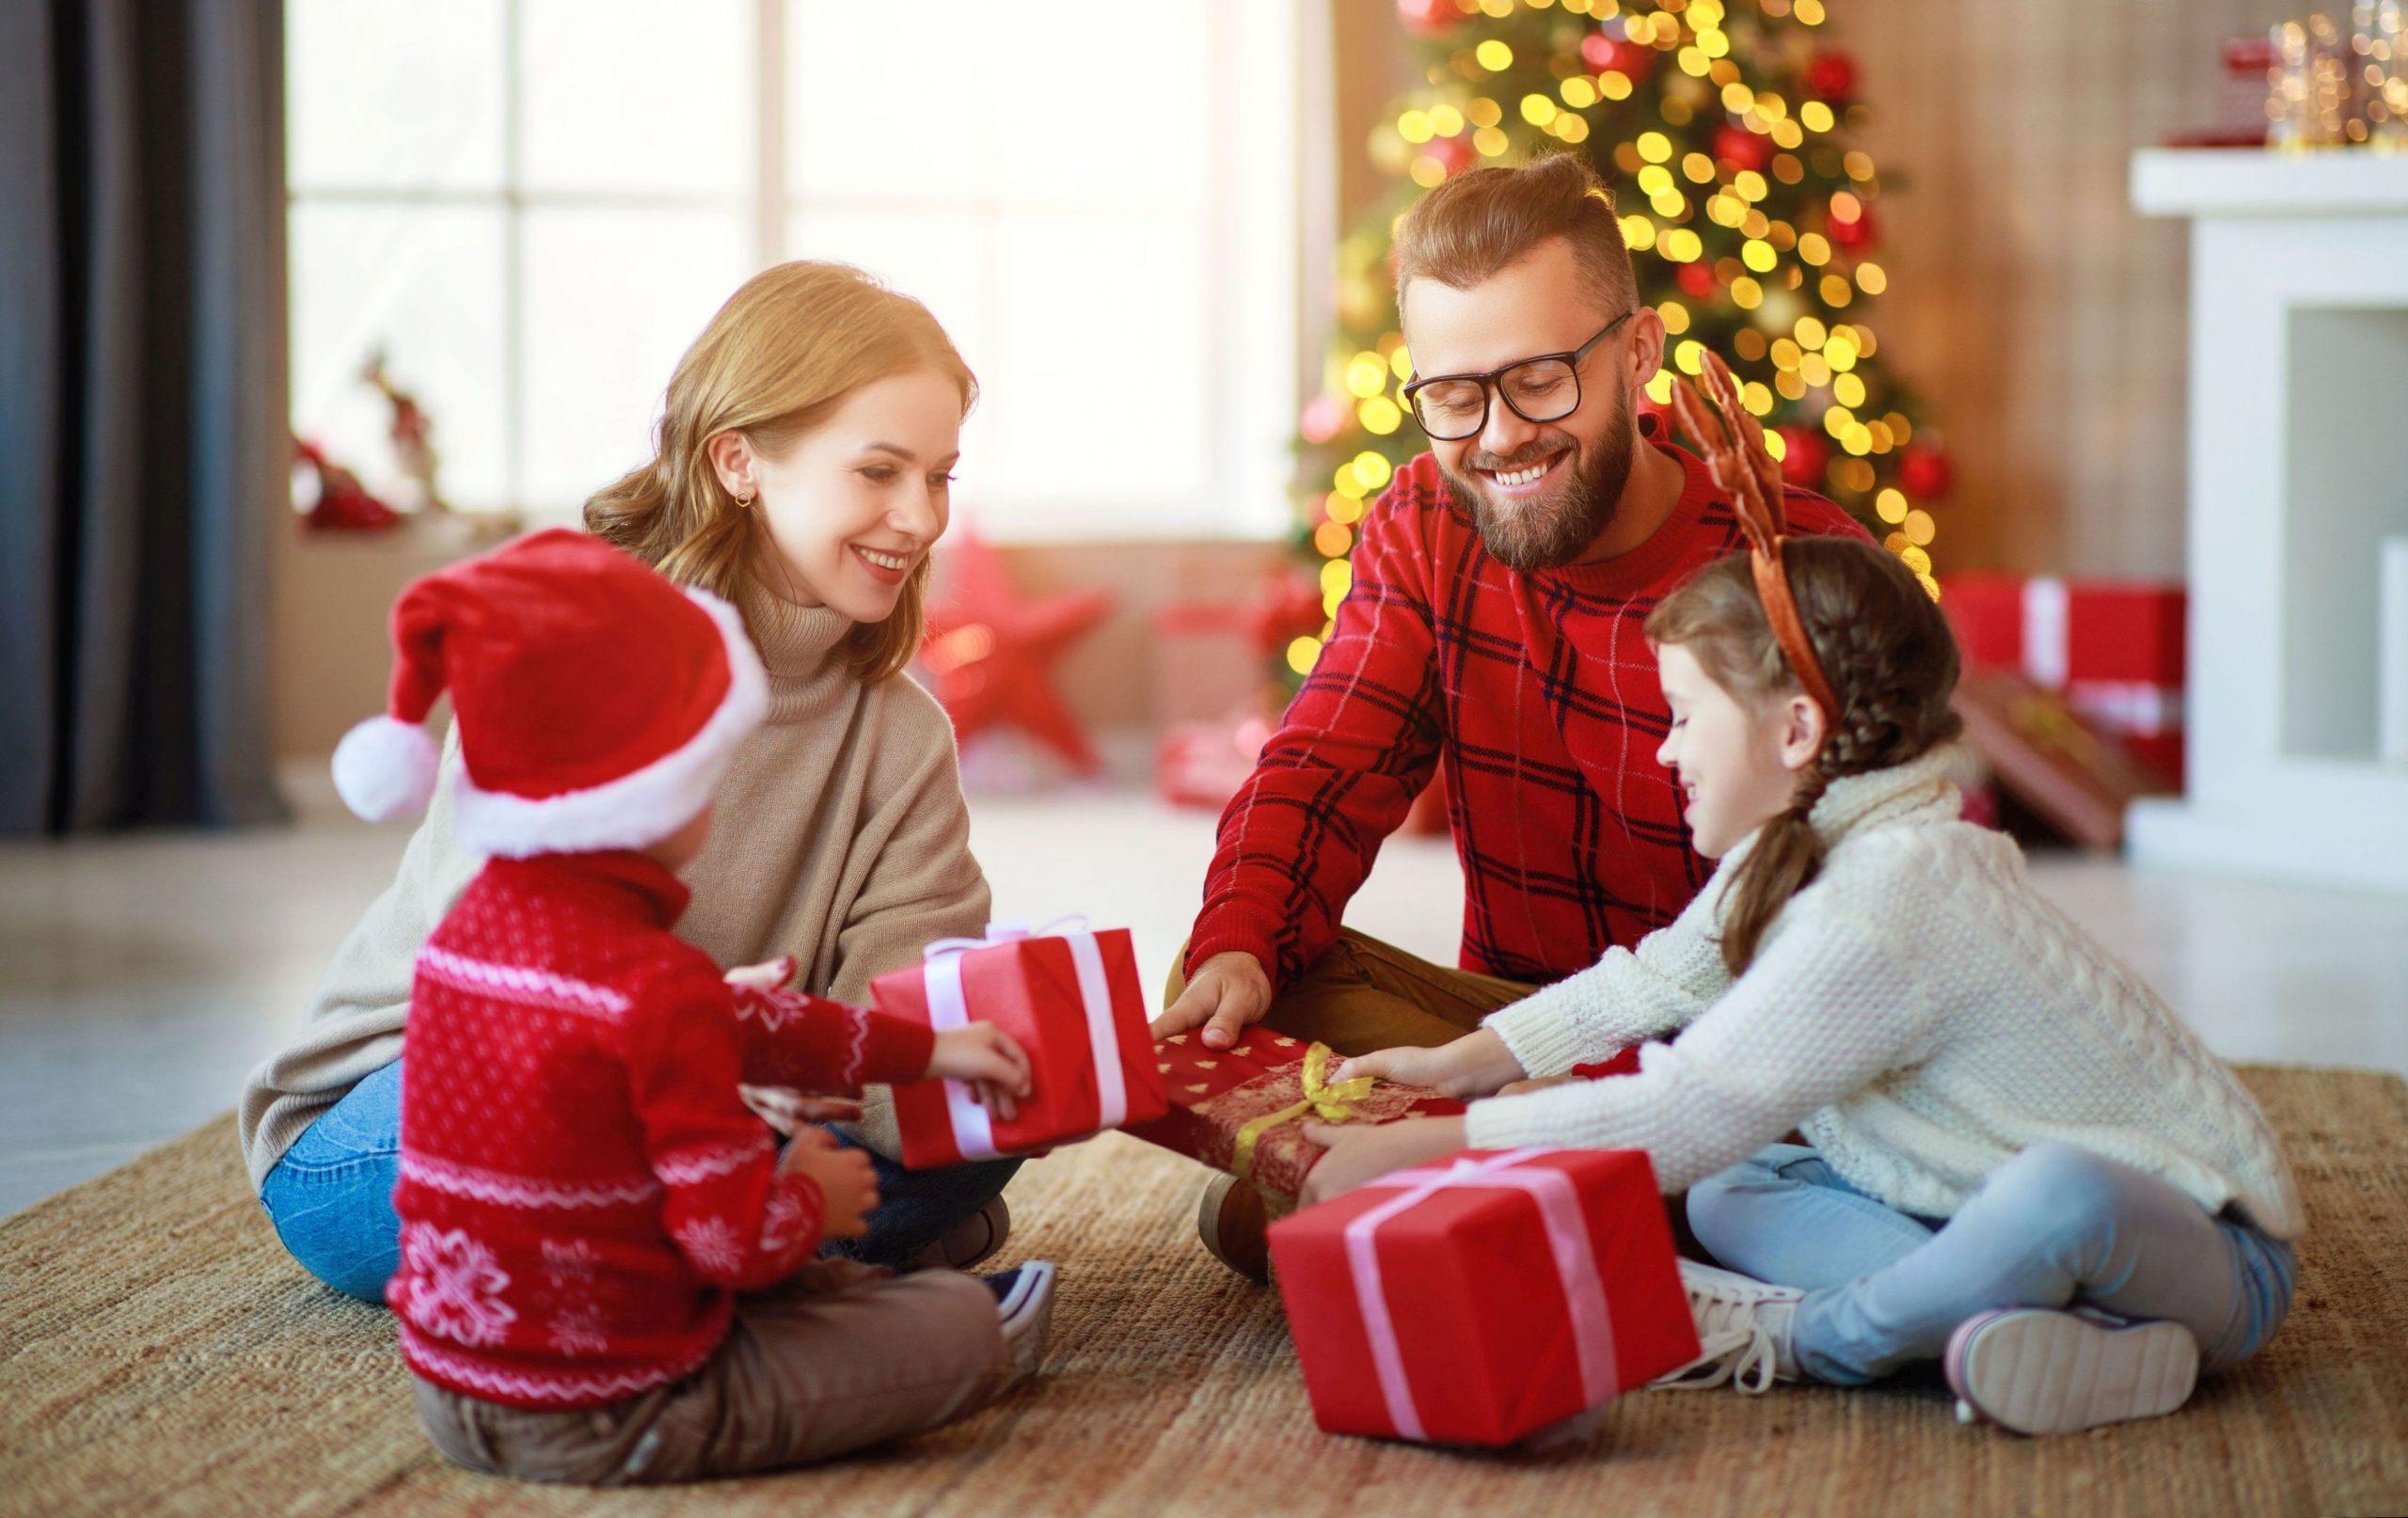 Weihnachten Mit Kindern Feiern: Tipps Und Ideen Für Eltern bestimmt für Weihnachten Für Kindergartenkinder